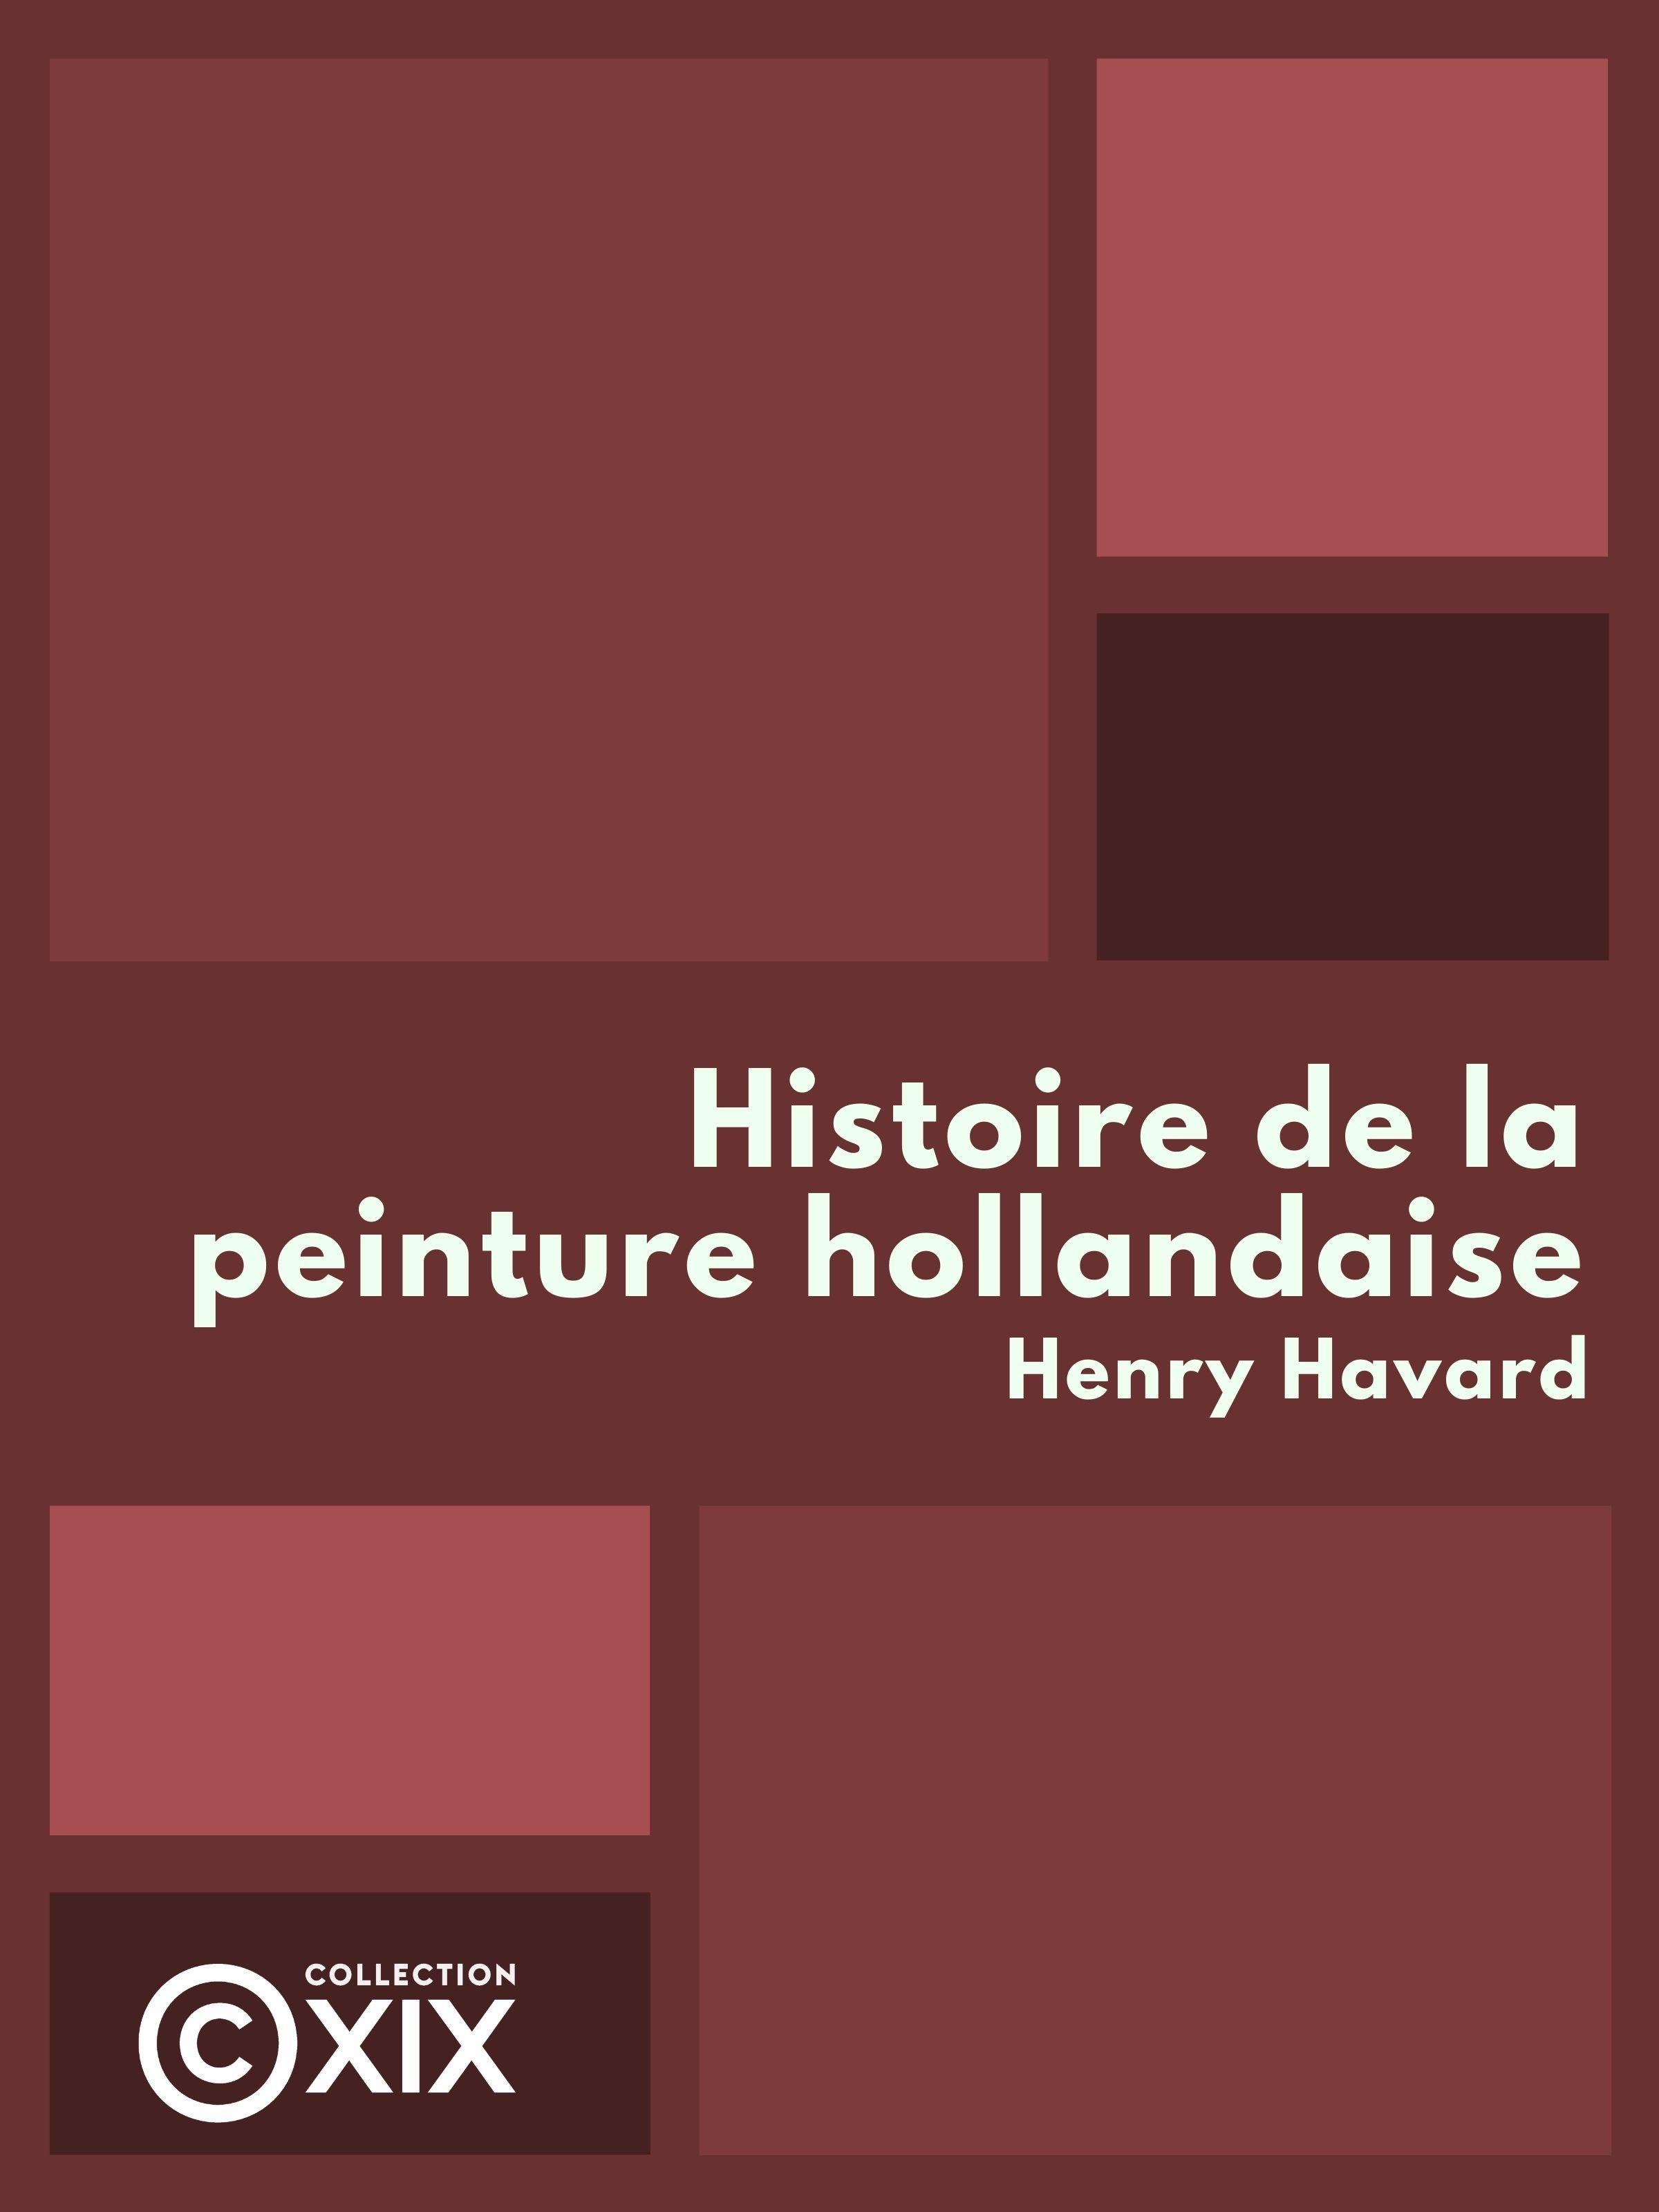 Vignette du livre Histoire de la peinture hollandaise